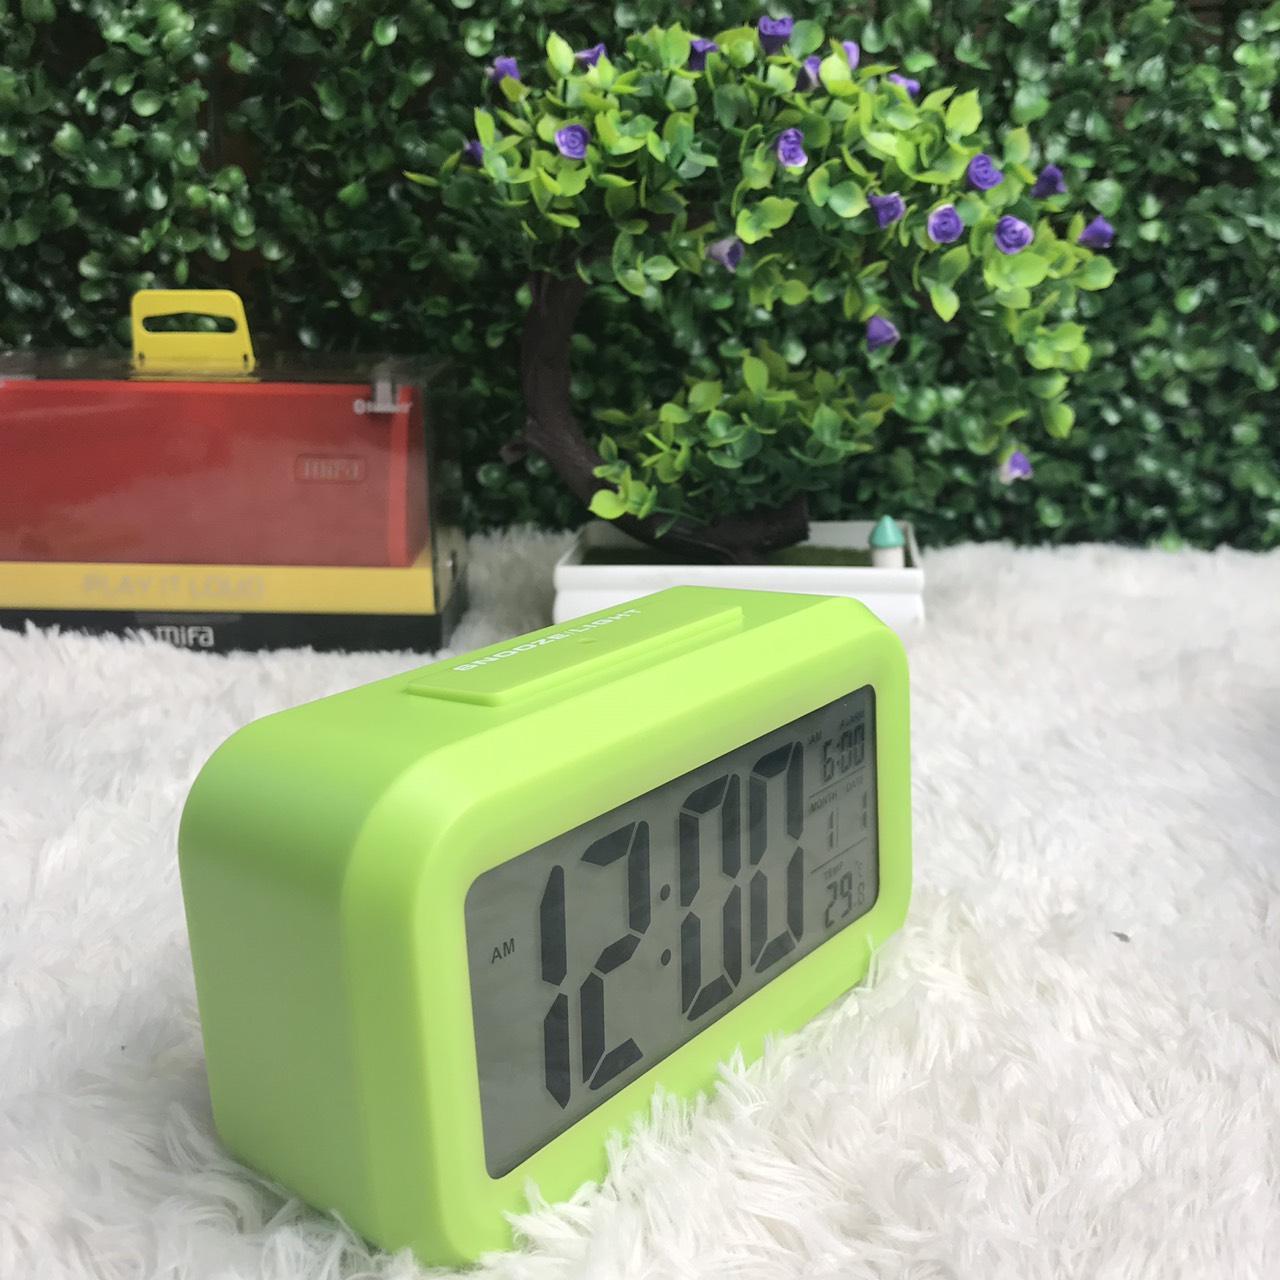 Nơi bán Đồng hồ báo thức kỹ thuật số với đèn LED nền cảm biến đa chức năng LC01, Cao cấp hơn Đồng hồ điện tử Unisex đa sắc màu dây cao su chống nước, Đồng hồ đèn led thể thao